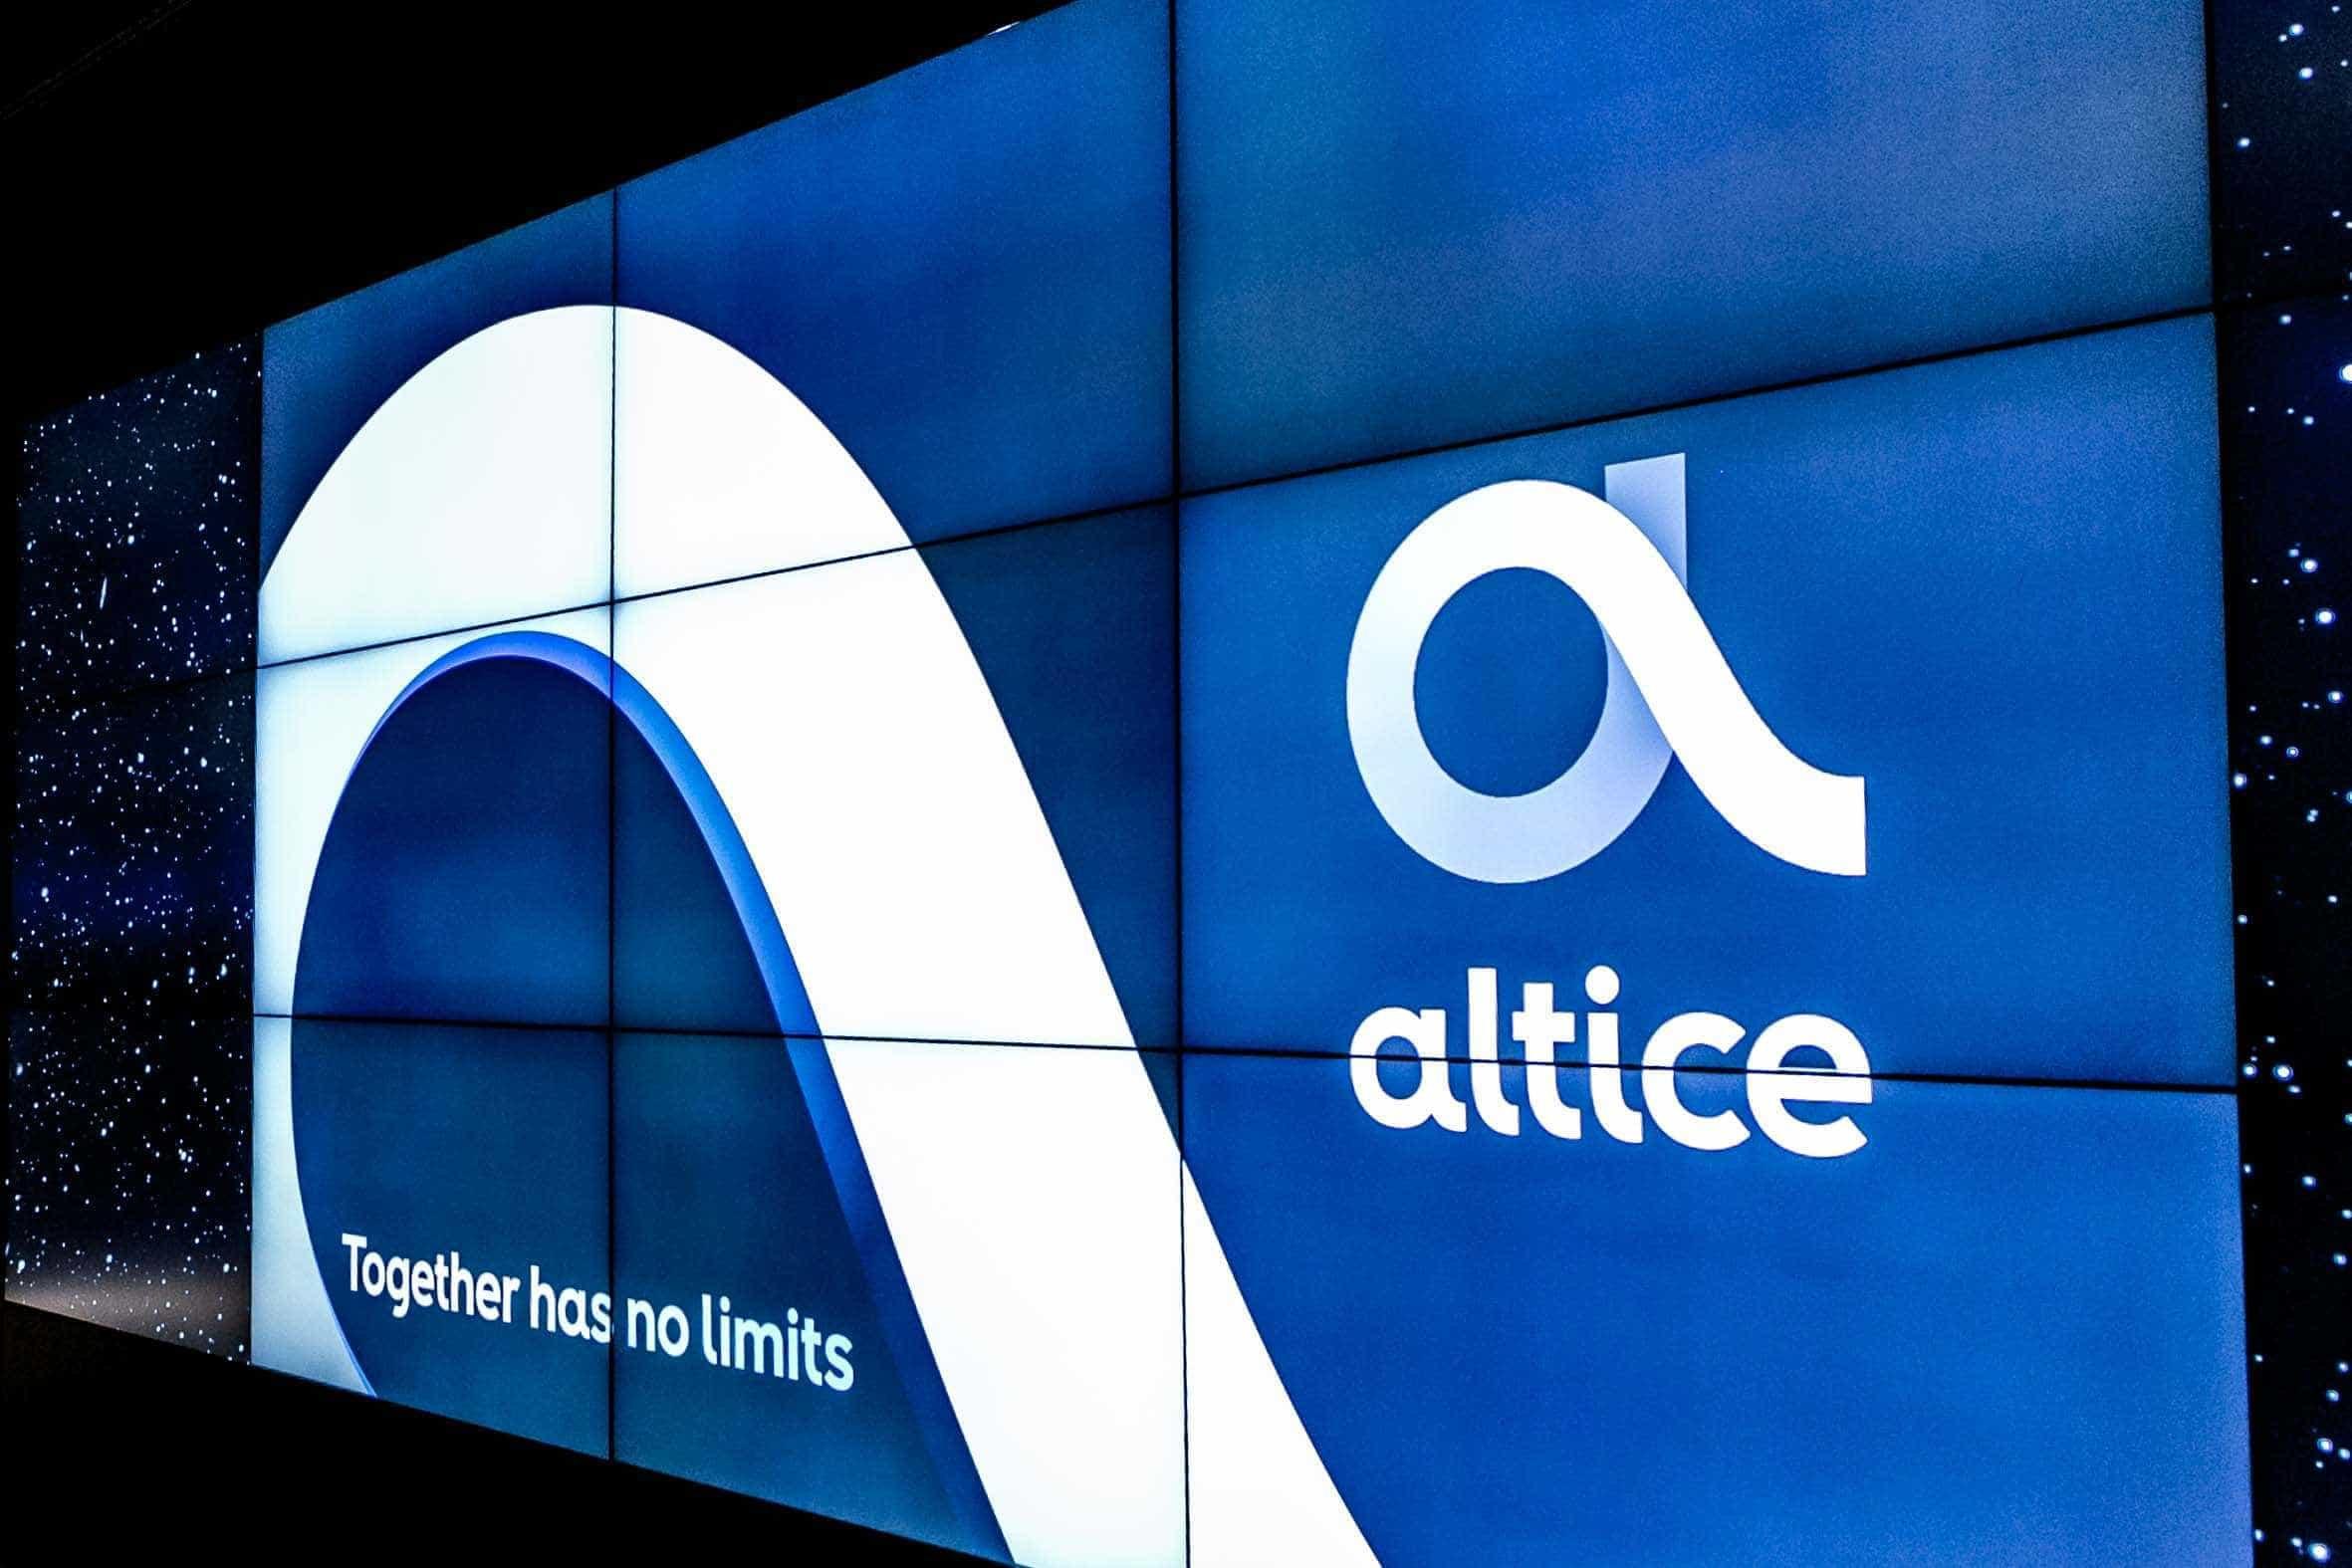 Anacom dá razão à Meo em litígio com Vodafone sobre acesso a postes